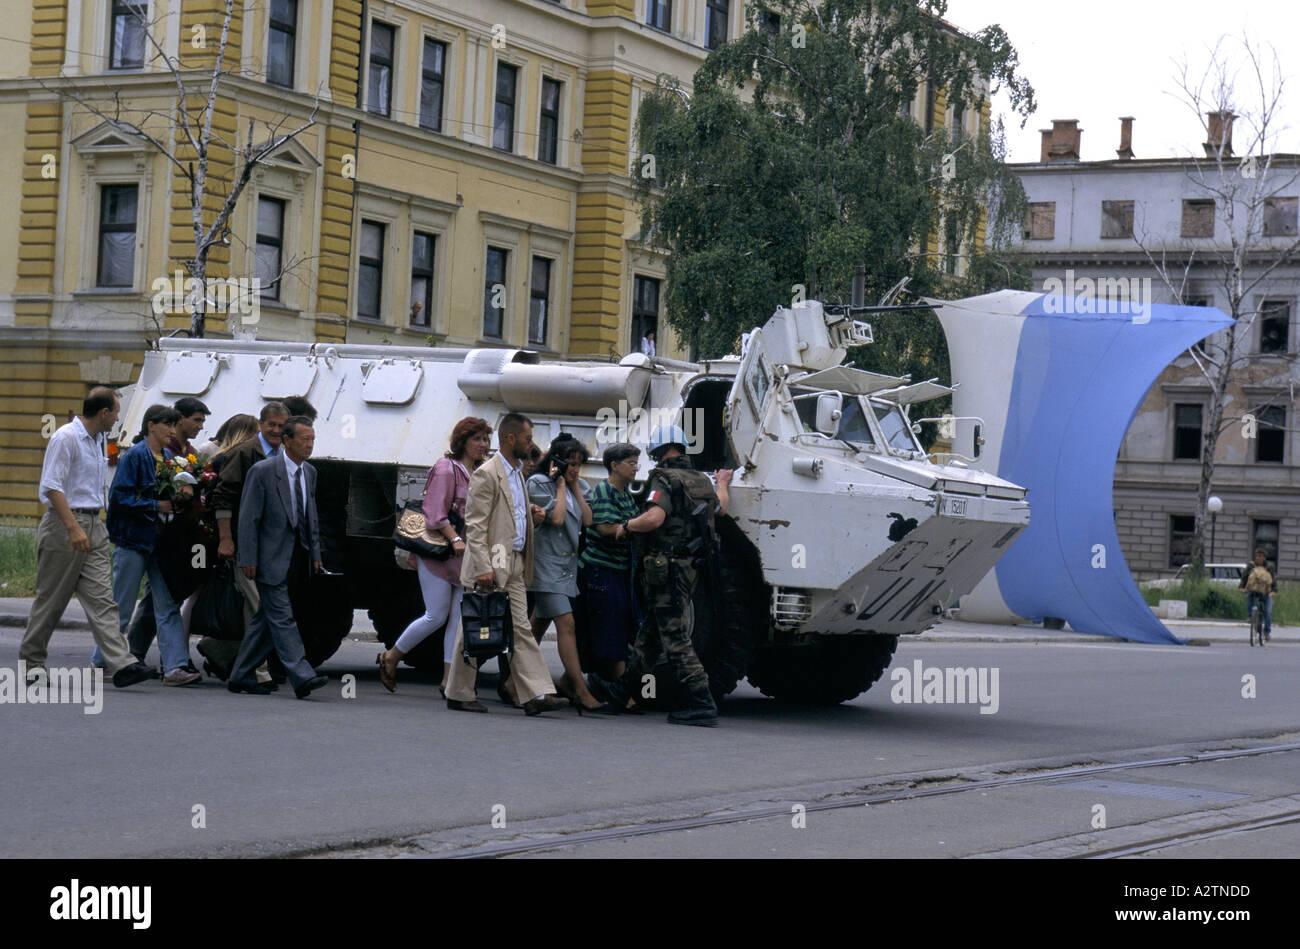 Sarajevo Juni 1995 un Tank bewaffnete Soldaten Abschirmung Menschen wie sie Scharfschützen anfällig Straßen zu überqueren Stockbild